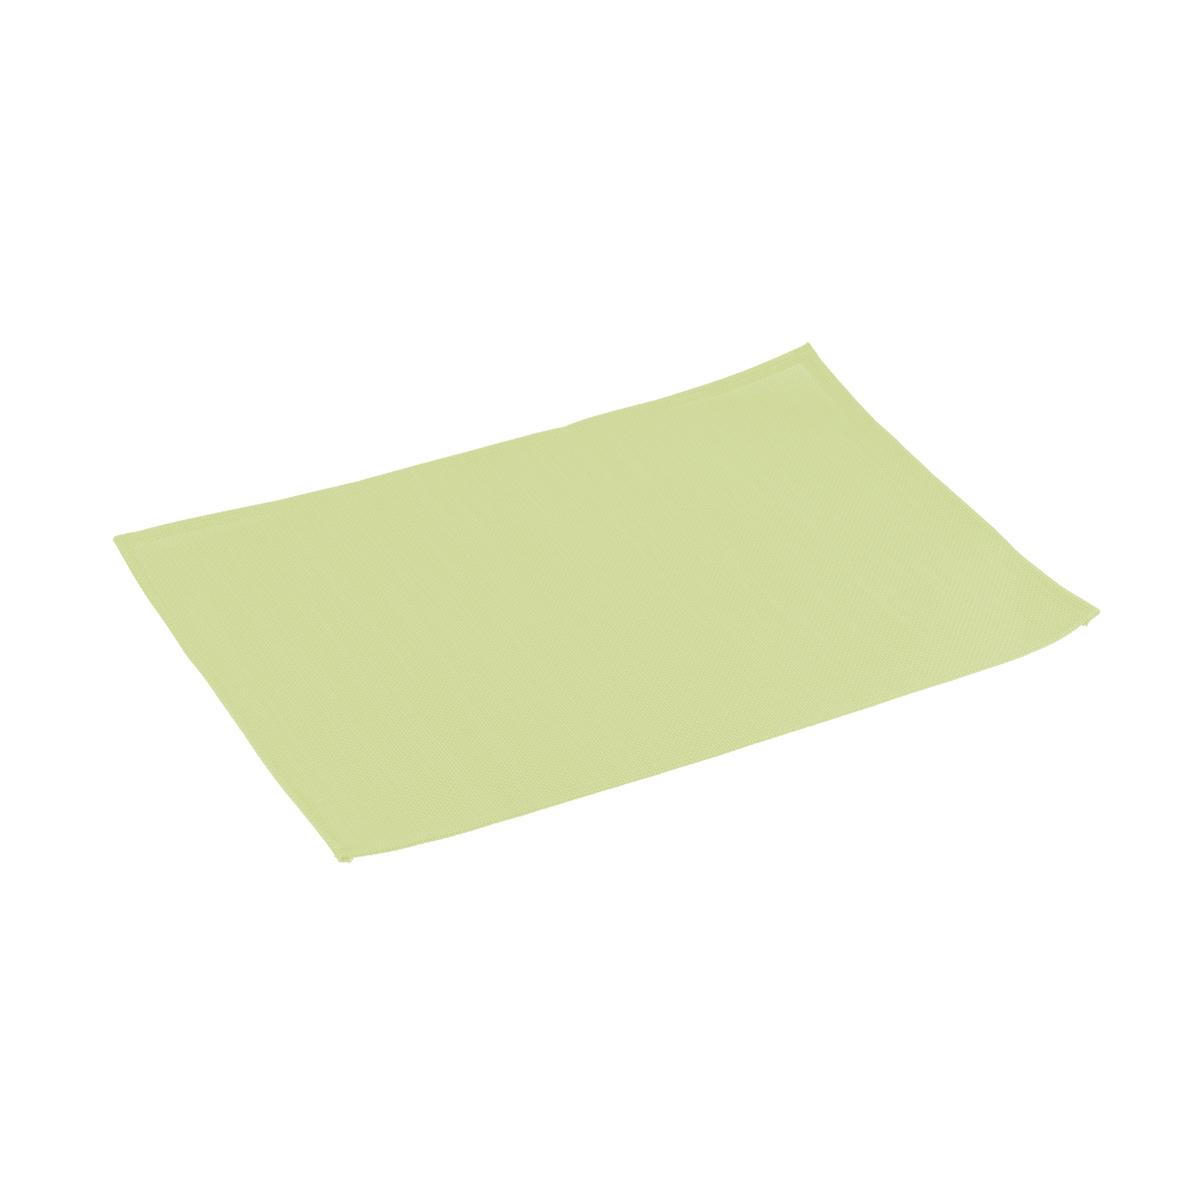 Prostírání FLAIR LITE 45x32 cm, limetková